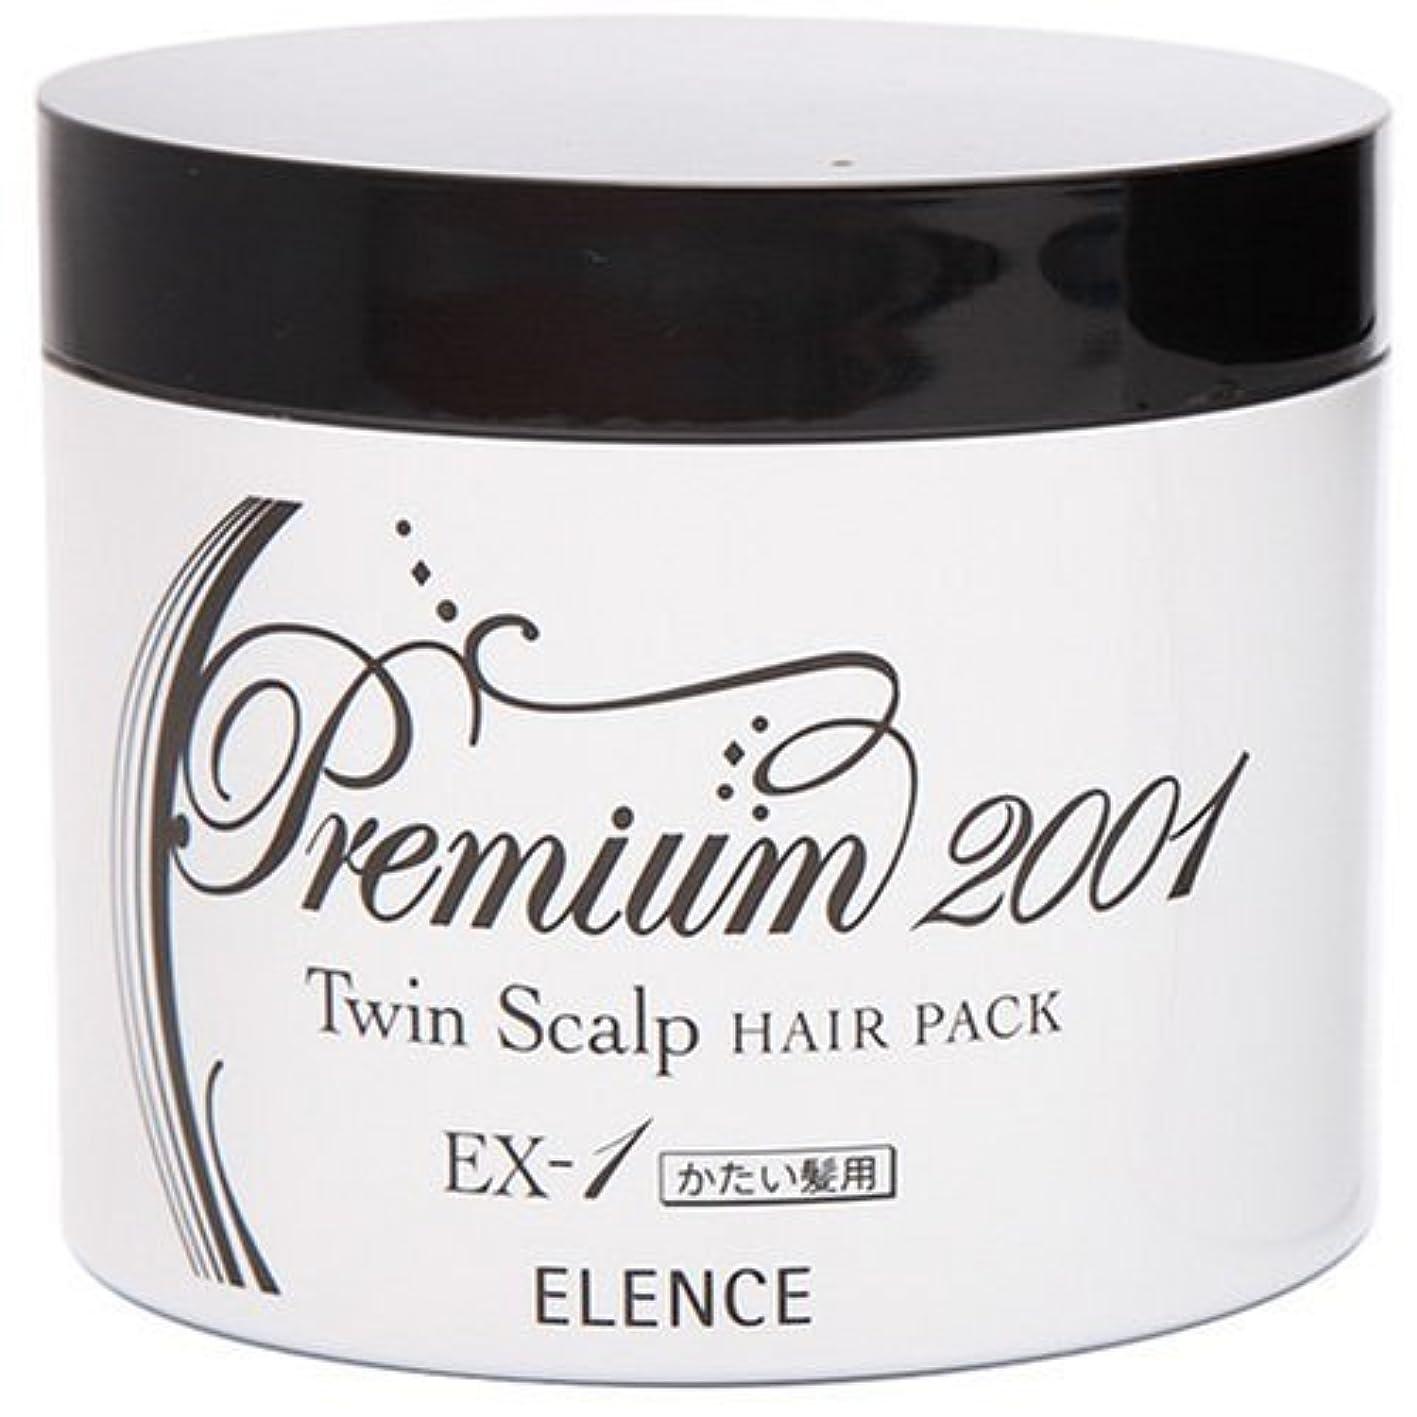 哀収束解き明かすエレンス2001 ツインスキャルプヘアパックEX-1(かたい髪用)